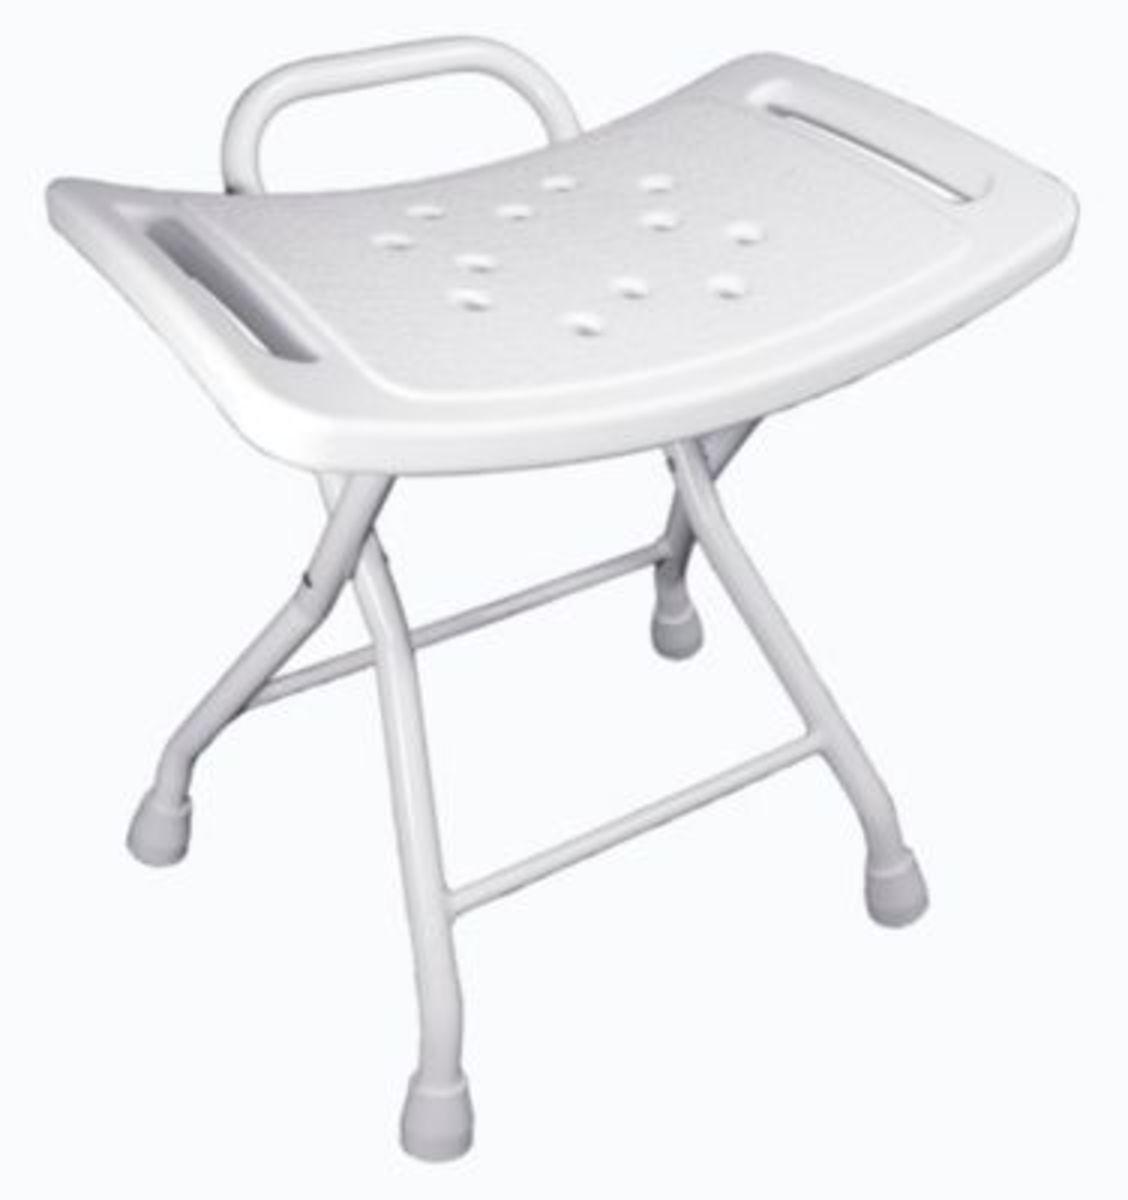 Bild 1 von Badehocker aus Aluminium